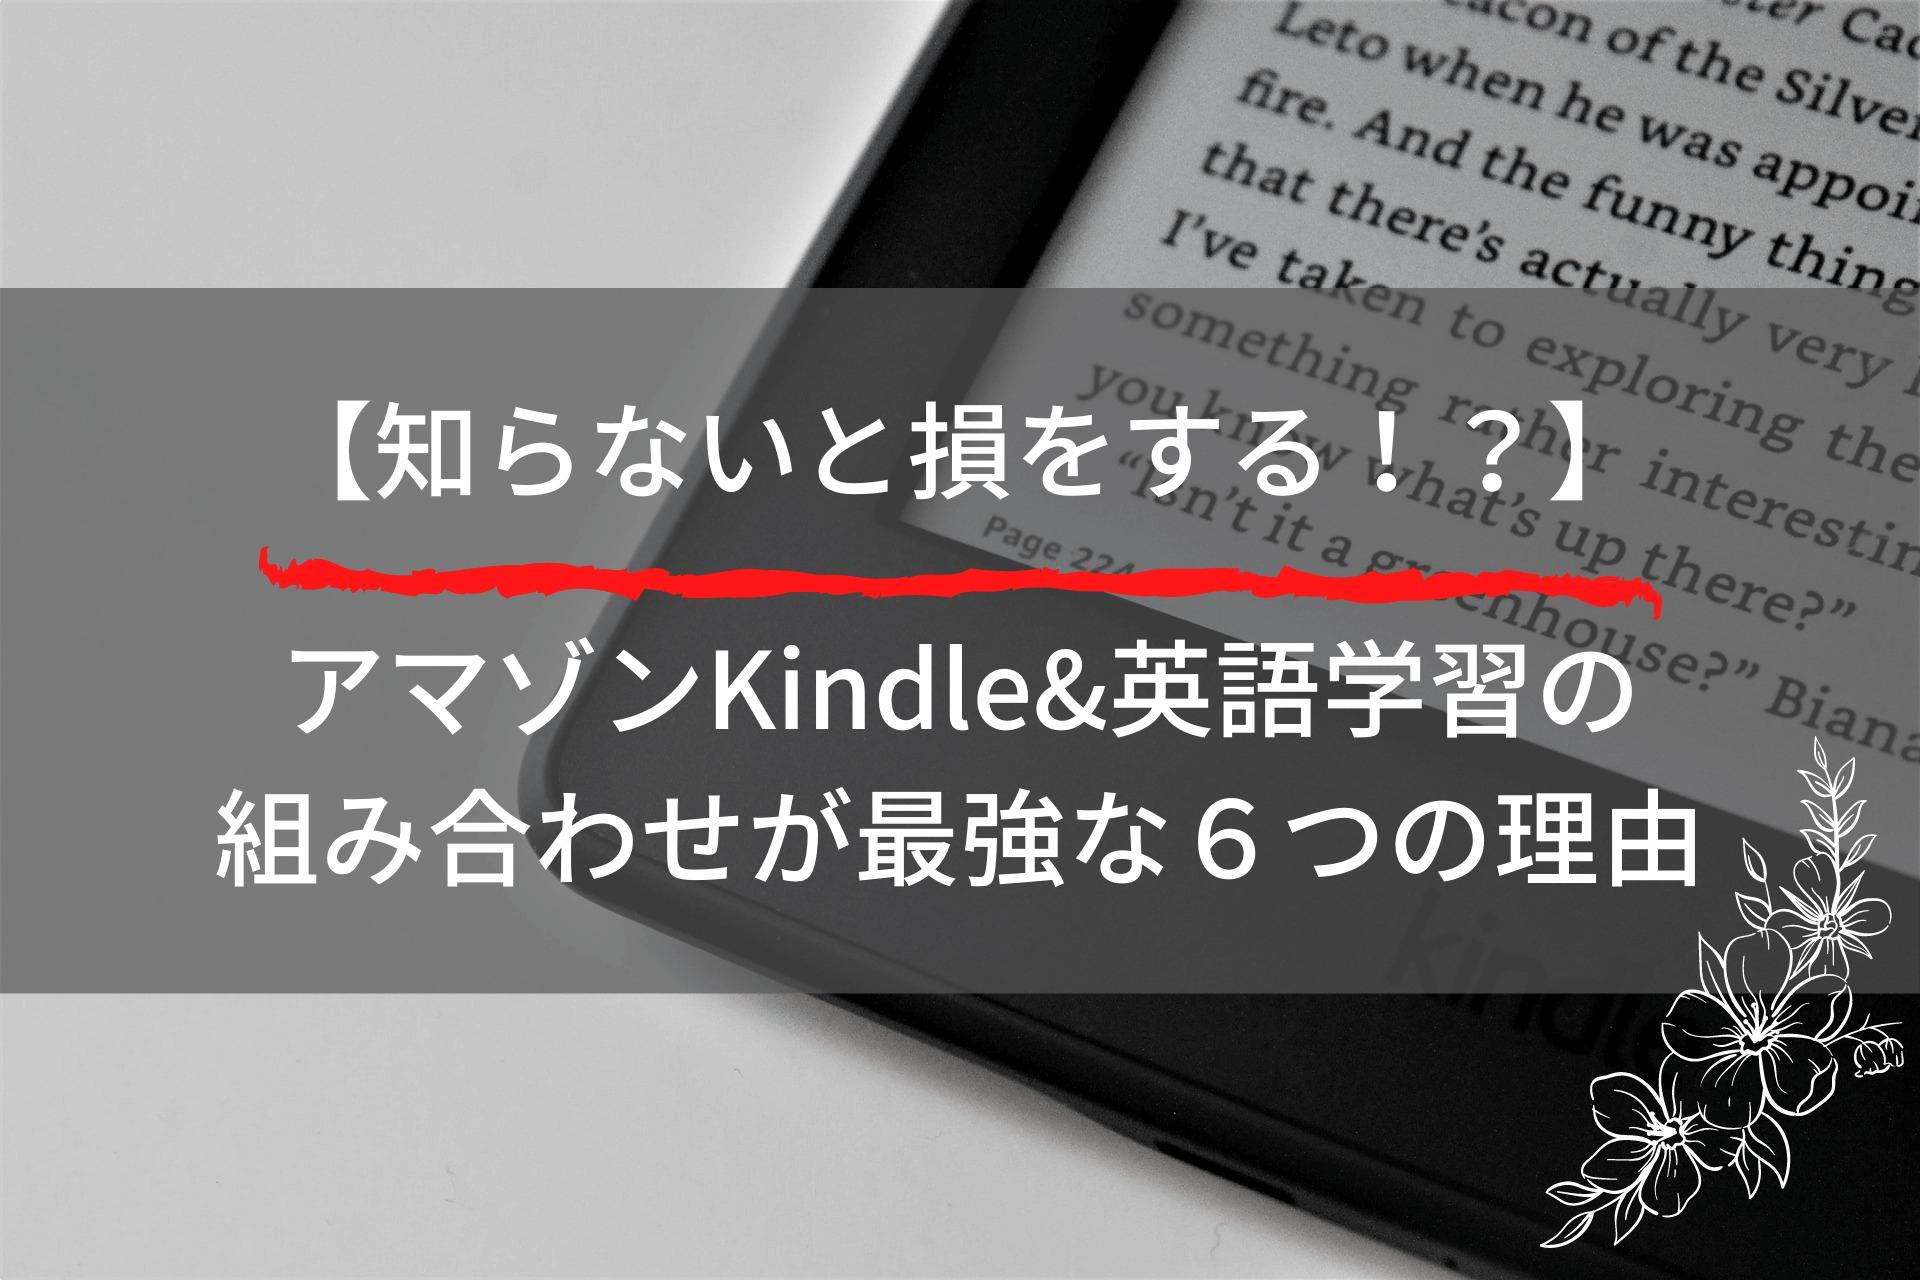 知らないと損をする!? アマゾンKindle&英語学習の 組み合わせが最強な6つの理由